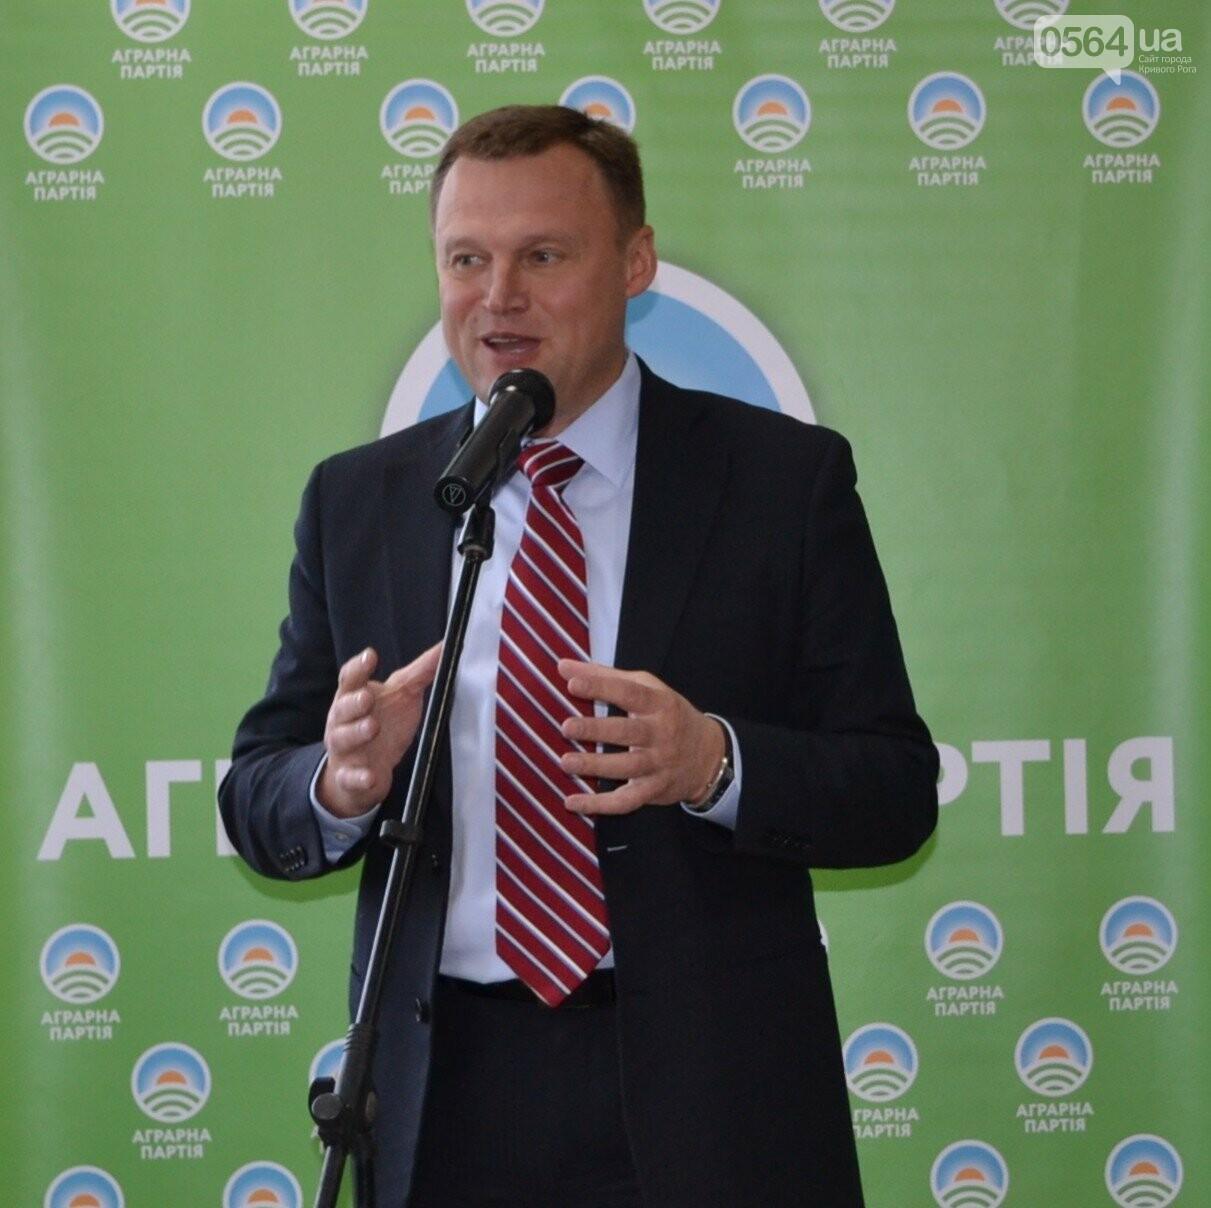 На Днепропетровщине создана областная организация Аграрной партии. Ее лидером избран Владимир Мельник (ФОТО), фото-2